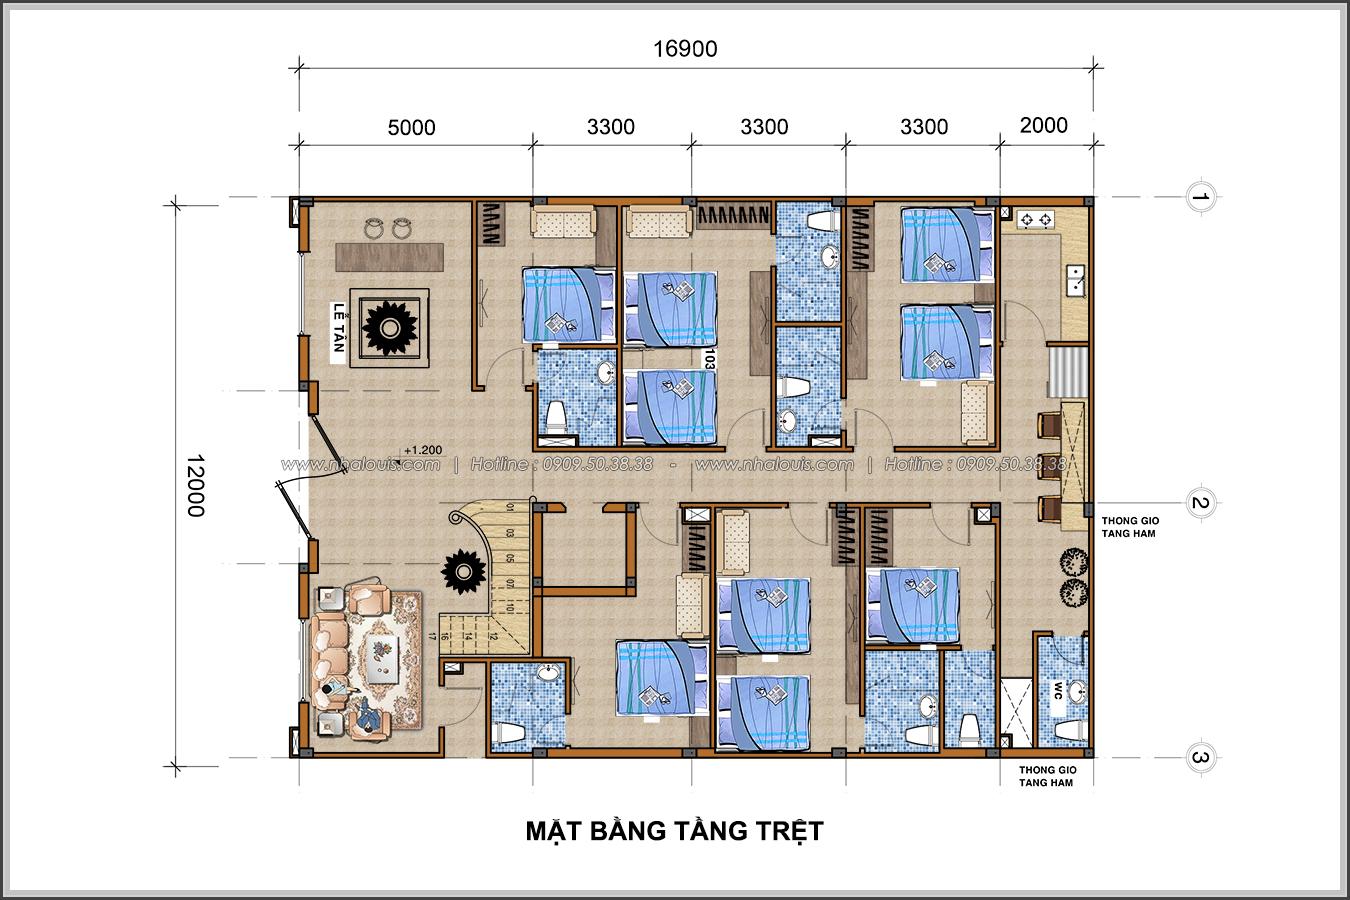 Thiết kế khách sạn cổ điển tại Phan Thiết đẹp lộng lẫy - 04